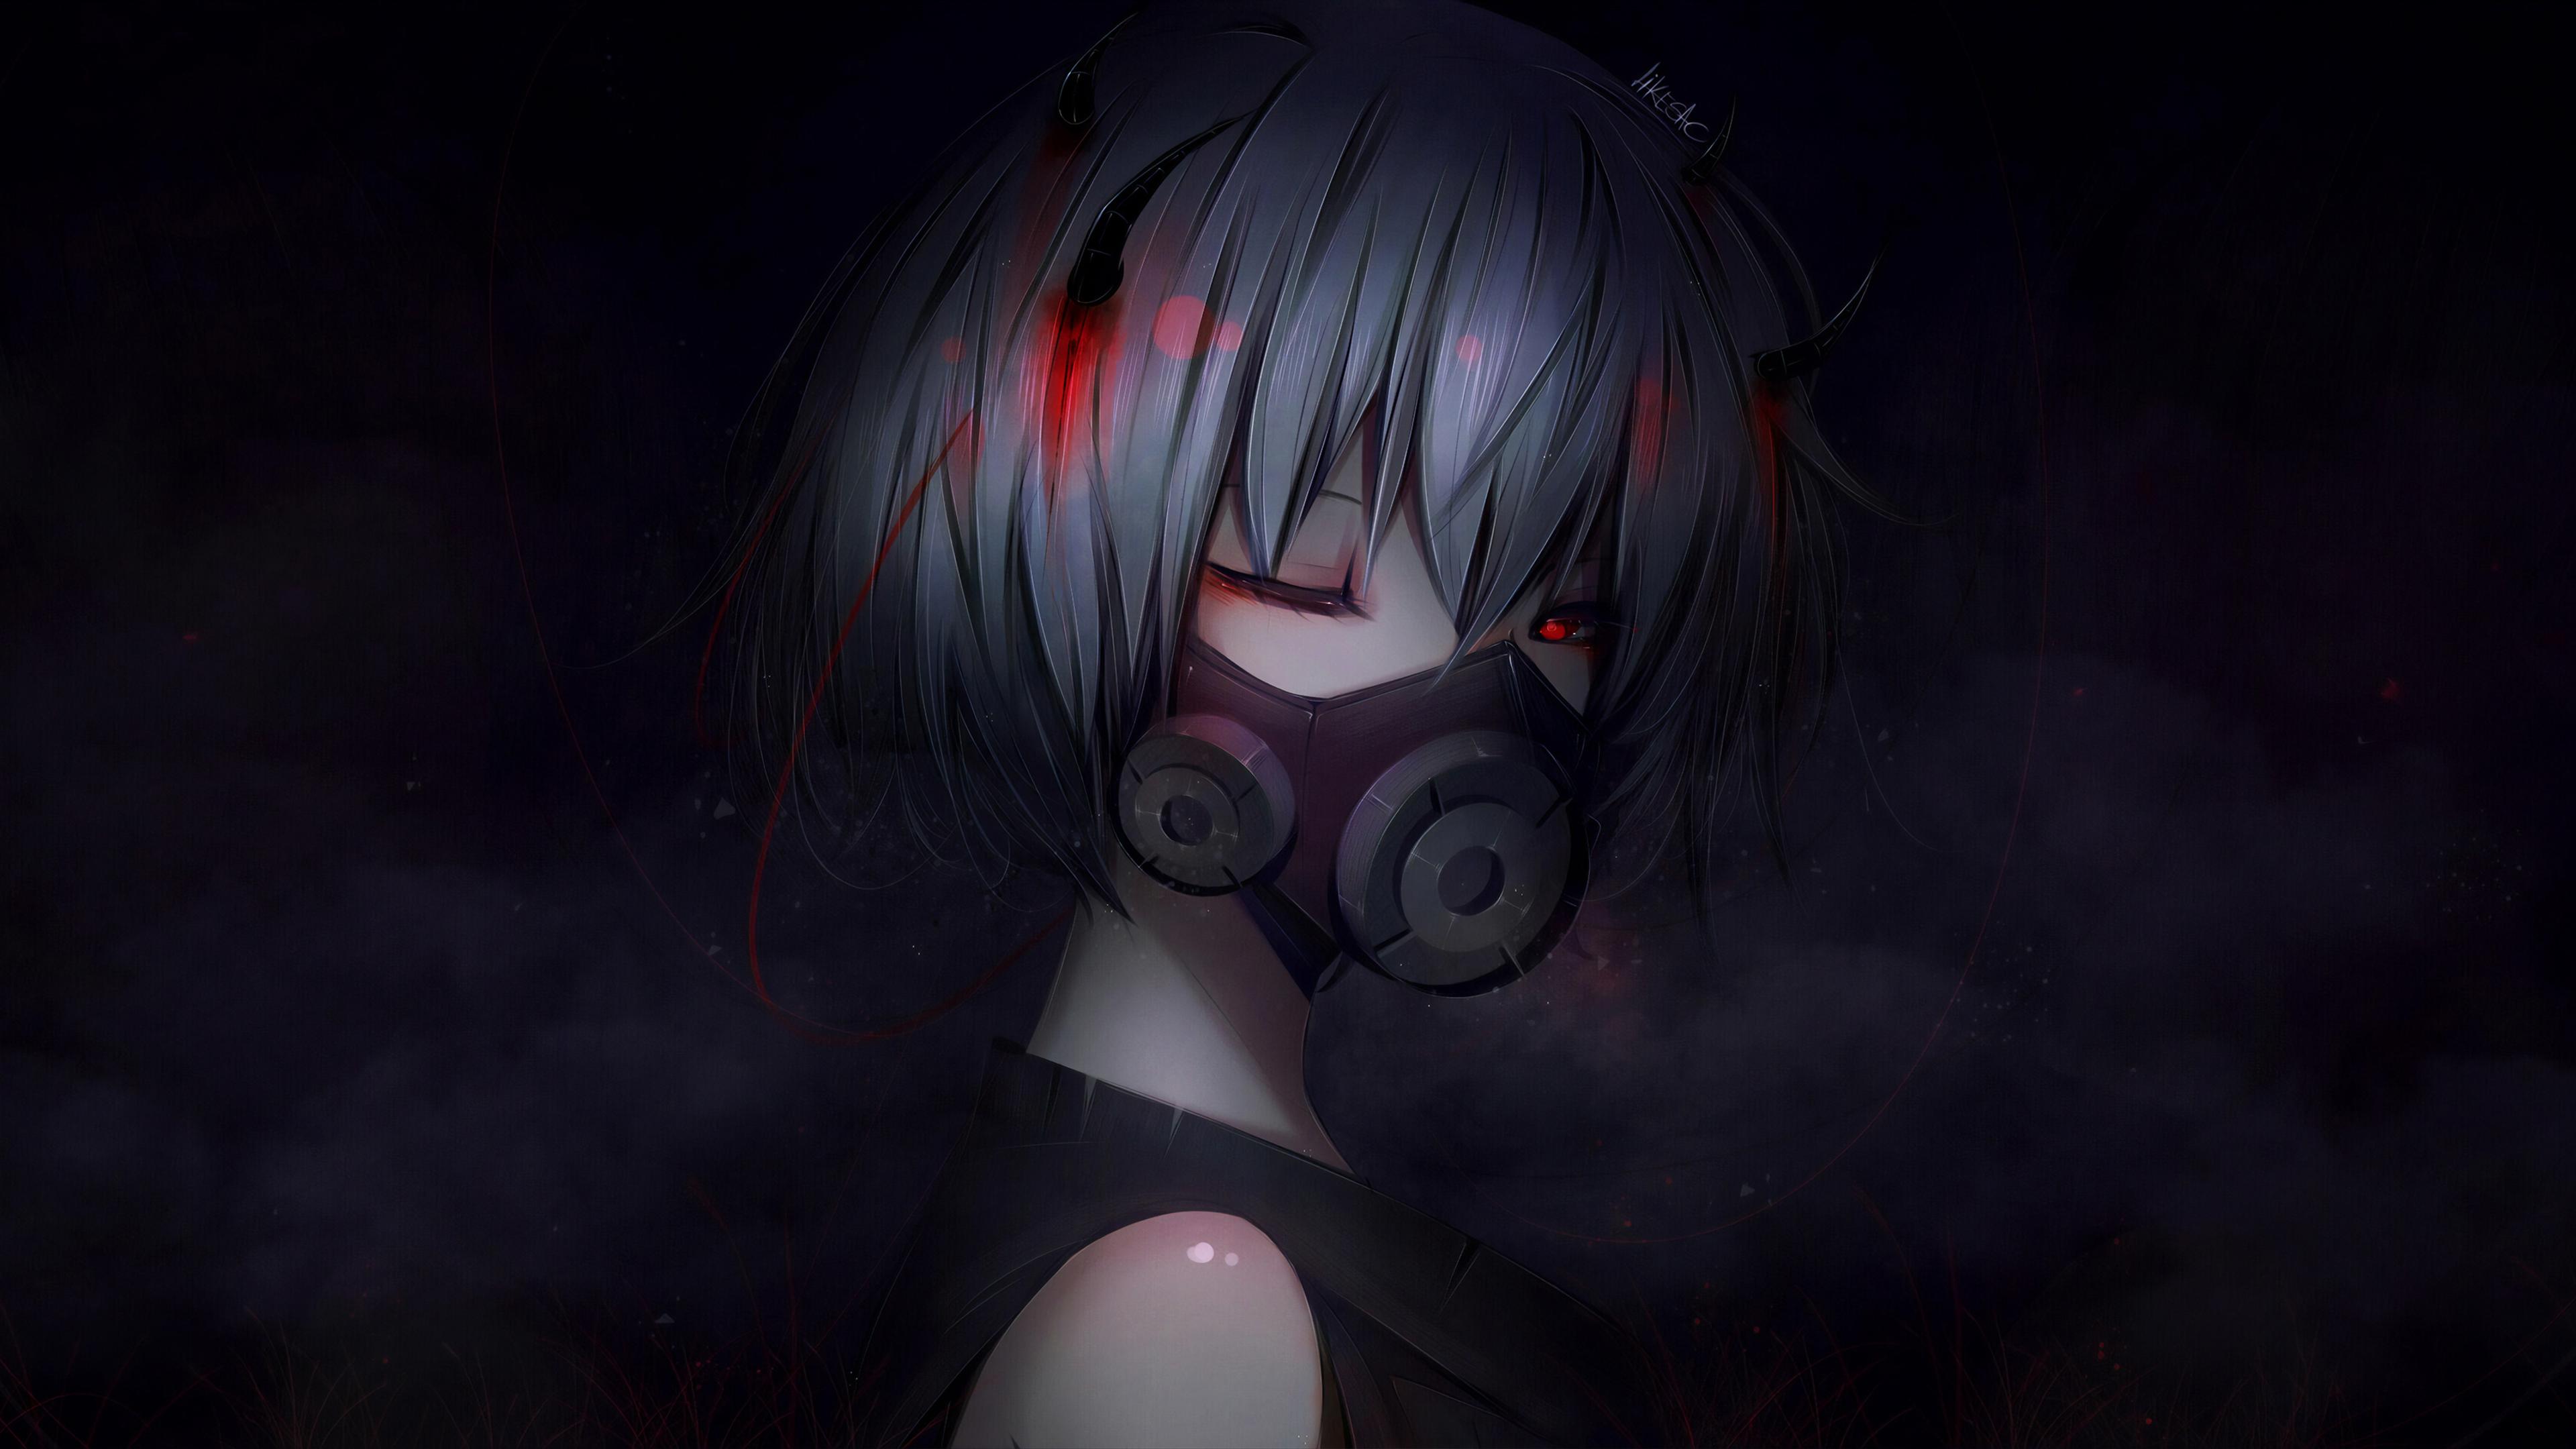 Anime Creep Girl 4k-wallpapers